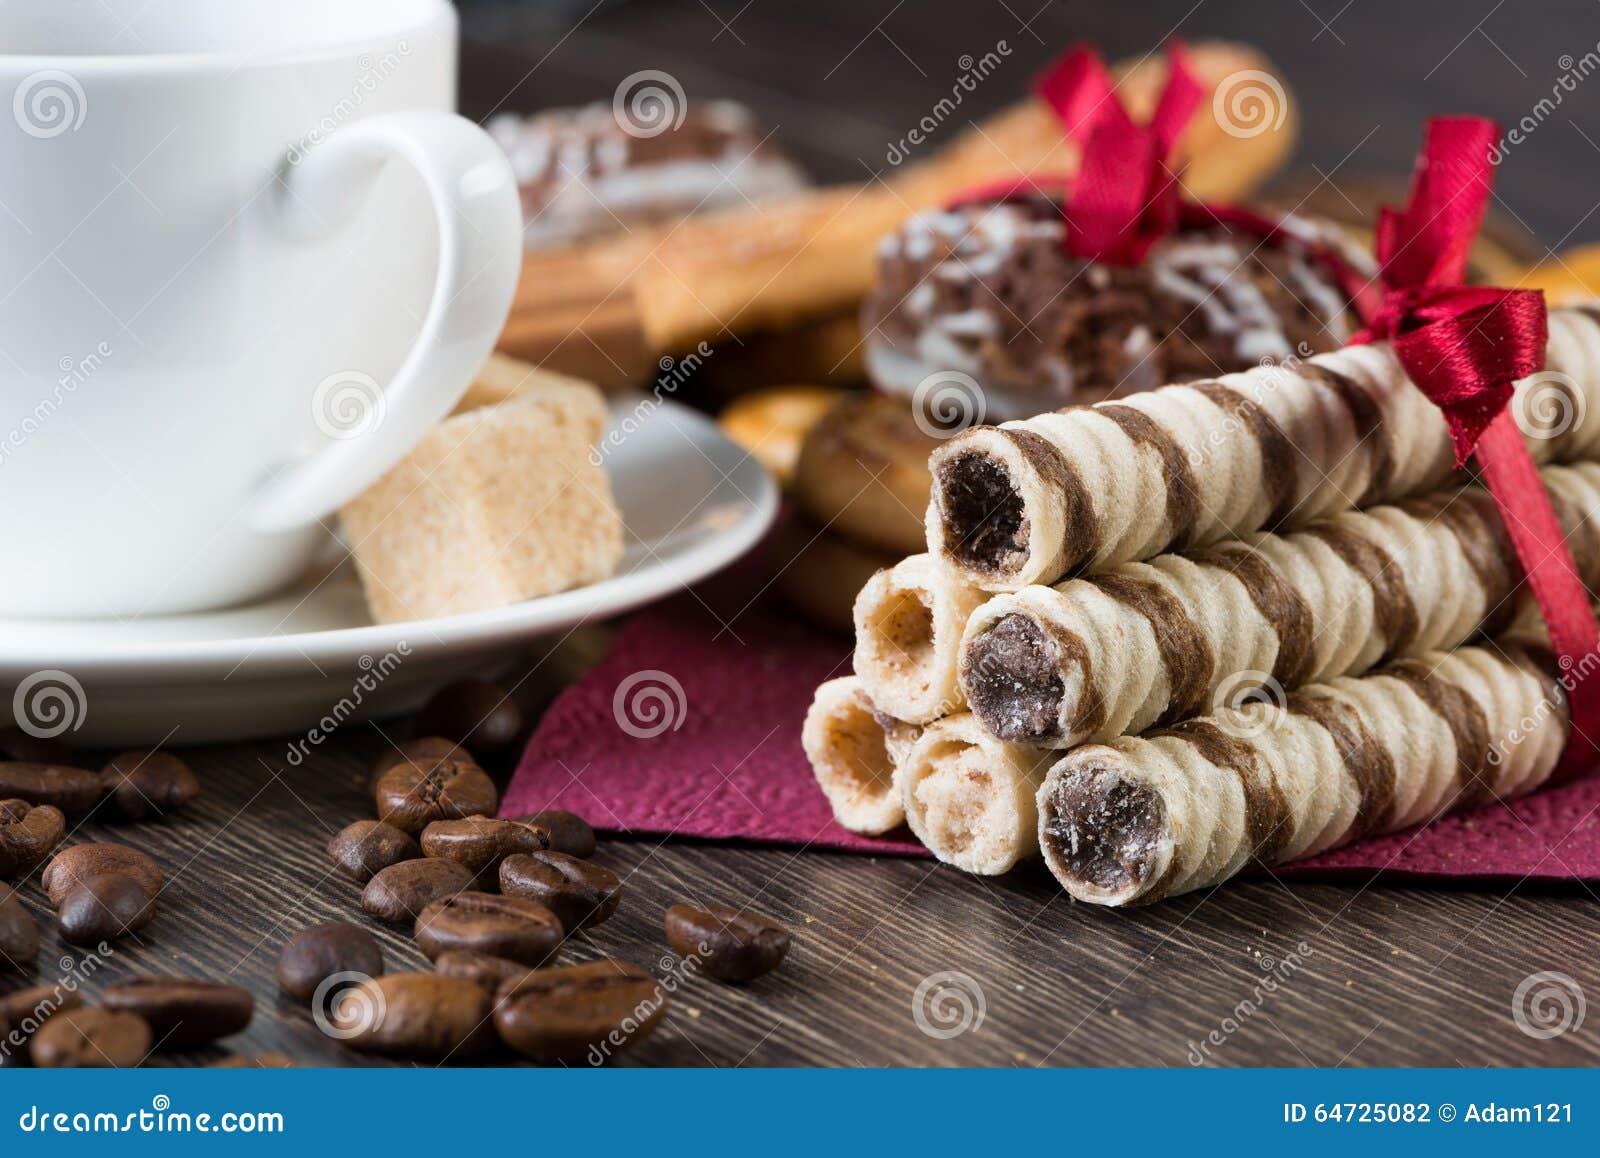 Dolci per la pausa caffè